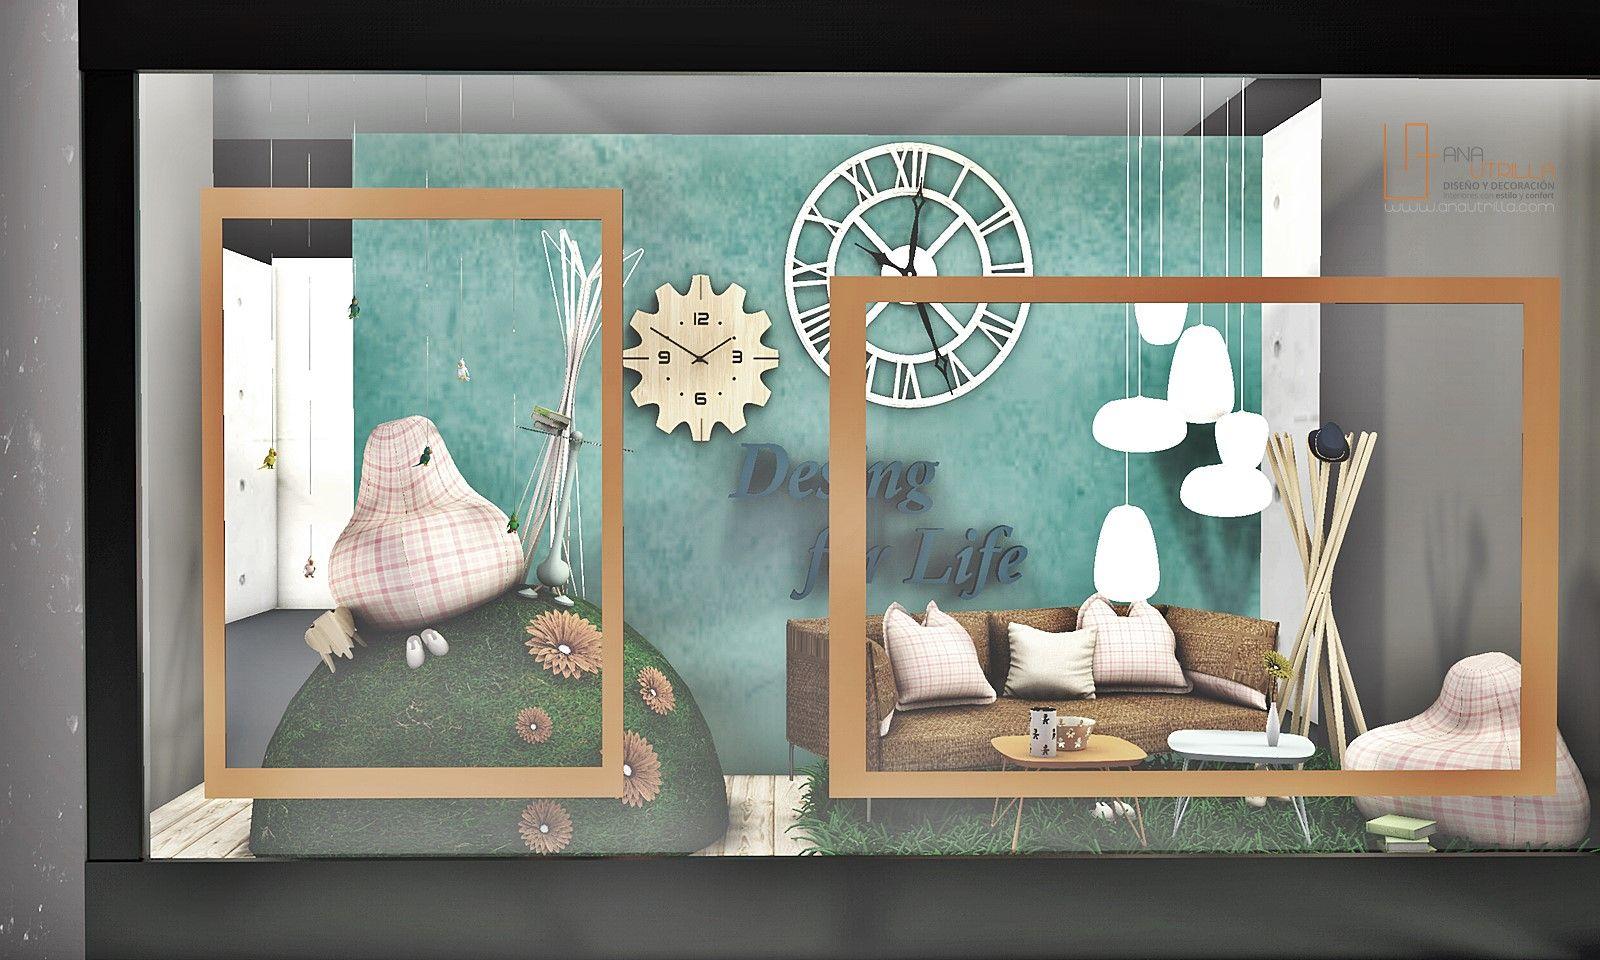 Render e infografía 3D de espacio de escaparate diseñado por Ana Utrilla